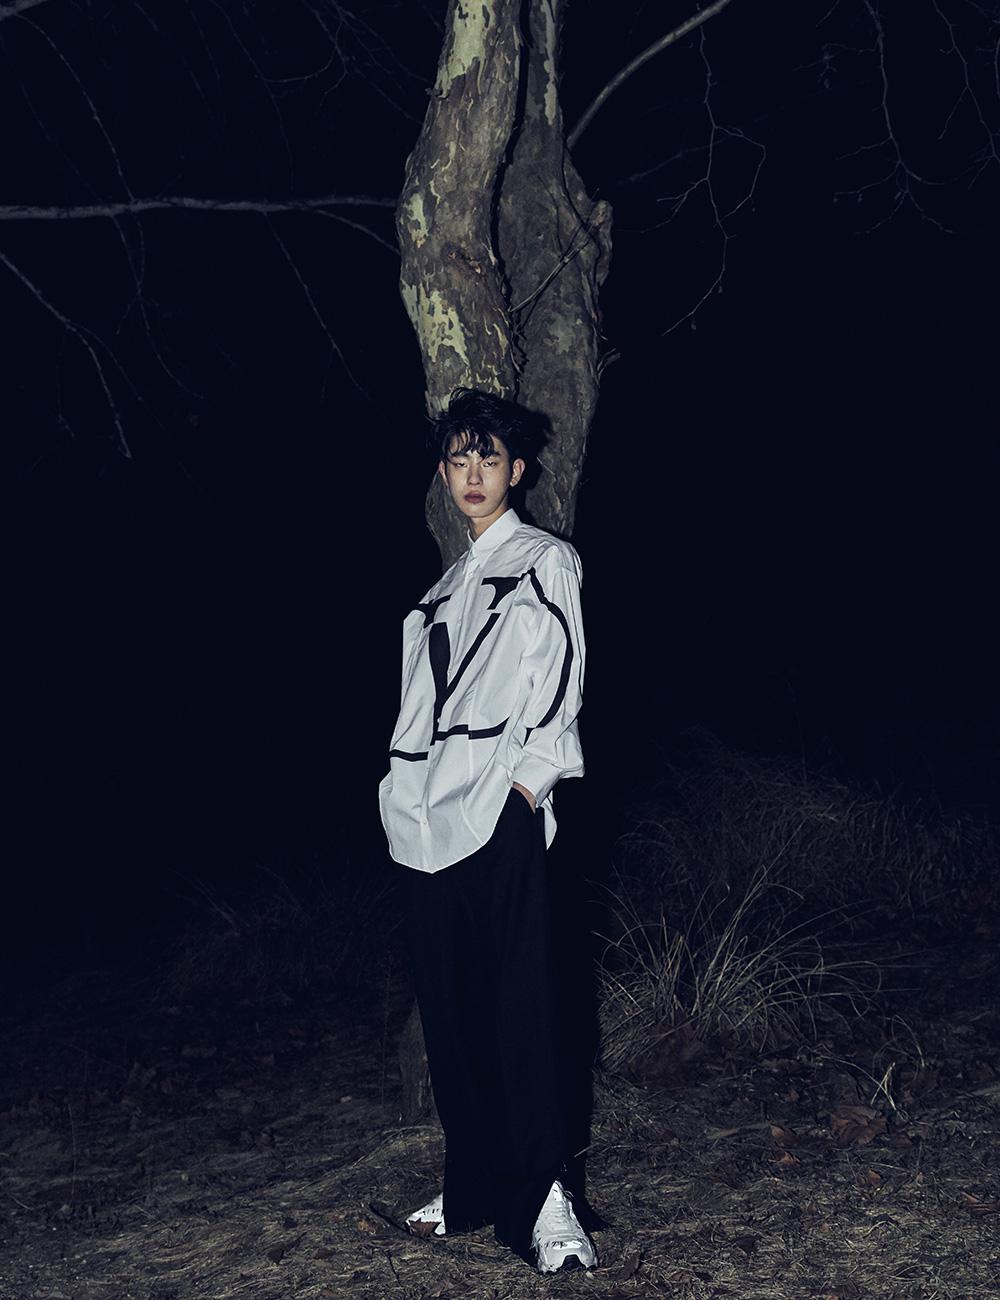 로고 프린트 셔츠 99만원, 검은색 바지 가격 미정 모두 발렌티노. 로고 프린트 운동화 139만원 발렌티노 가라바니.